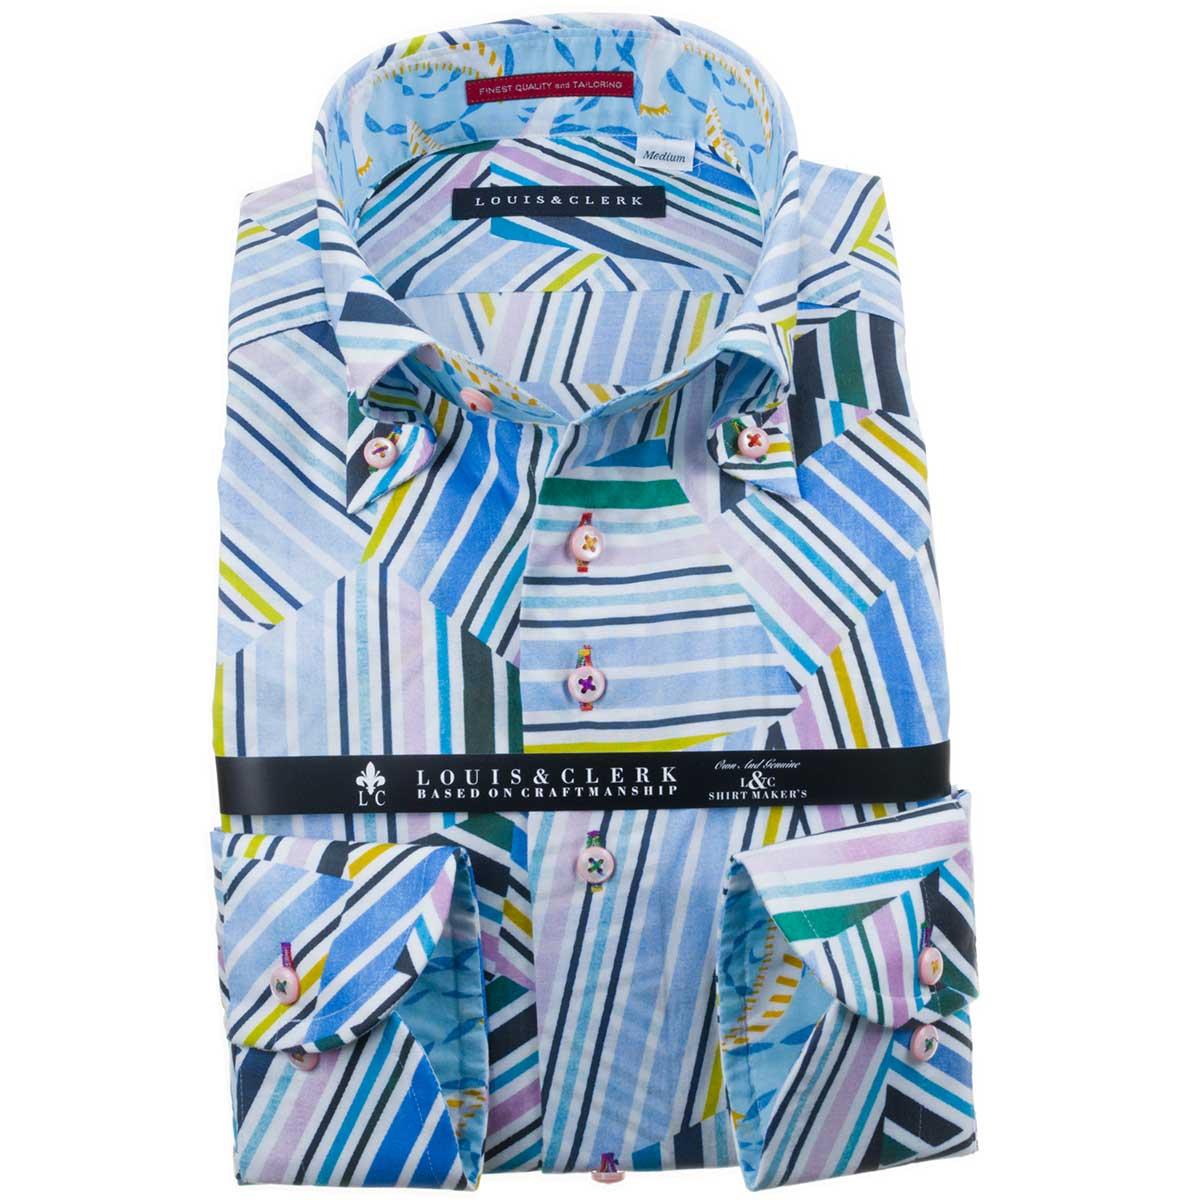 ドレスシャツ ワイシャツ シャツ メンズ 国産 長袖 純綿100% コンフォート ボタンダウン 縞柄×格子柄MIX幾何学柄プリント マルチカラー1911 fs3gm